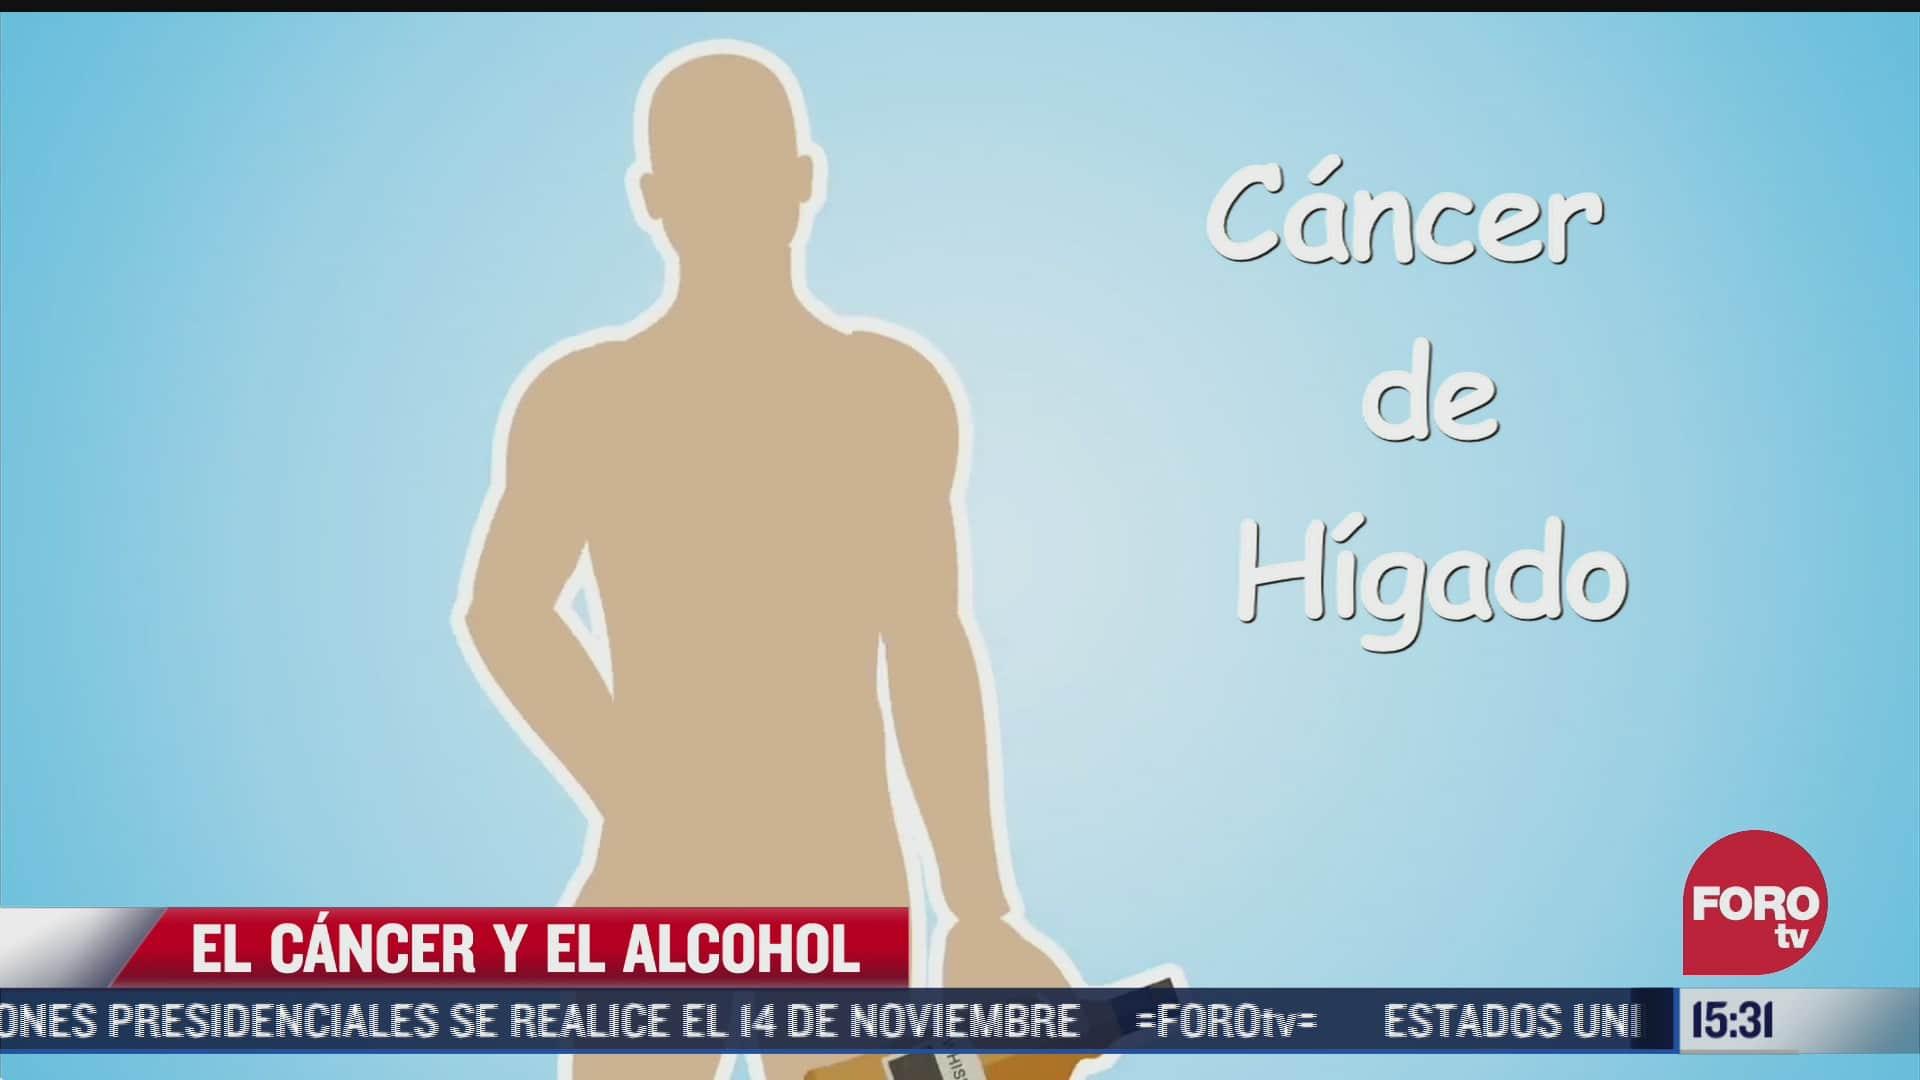 consumo elevado de alcohol puede ocasionar cancer